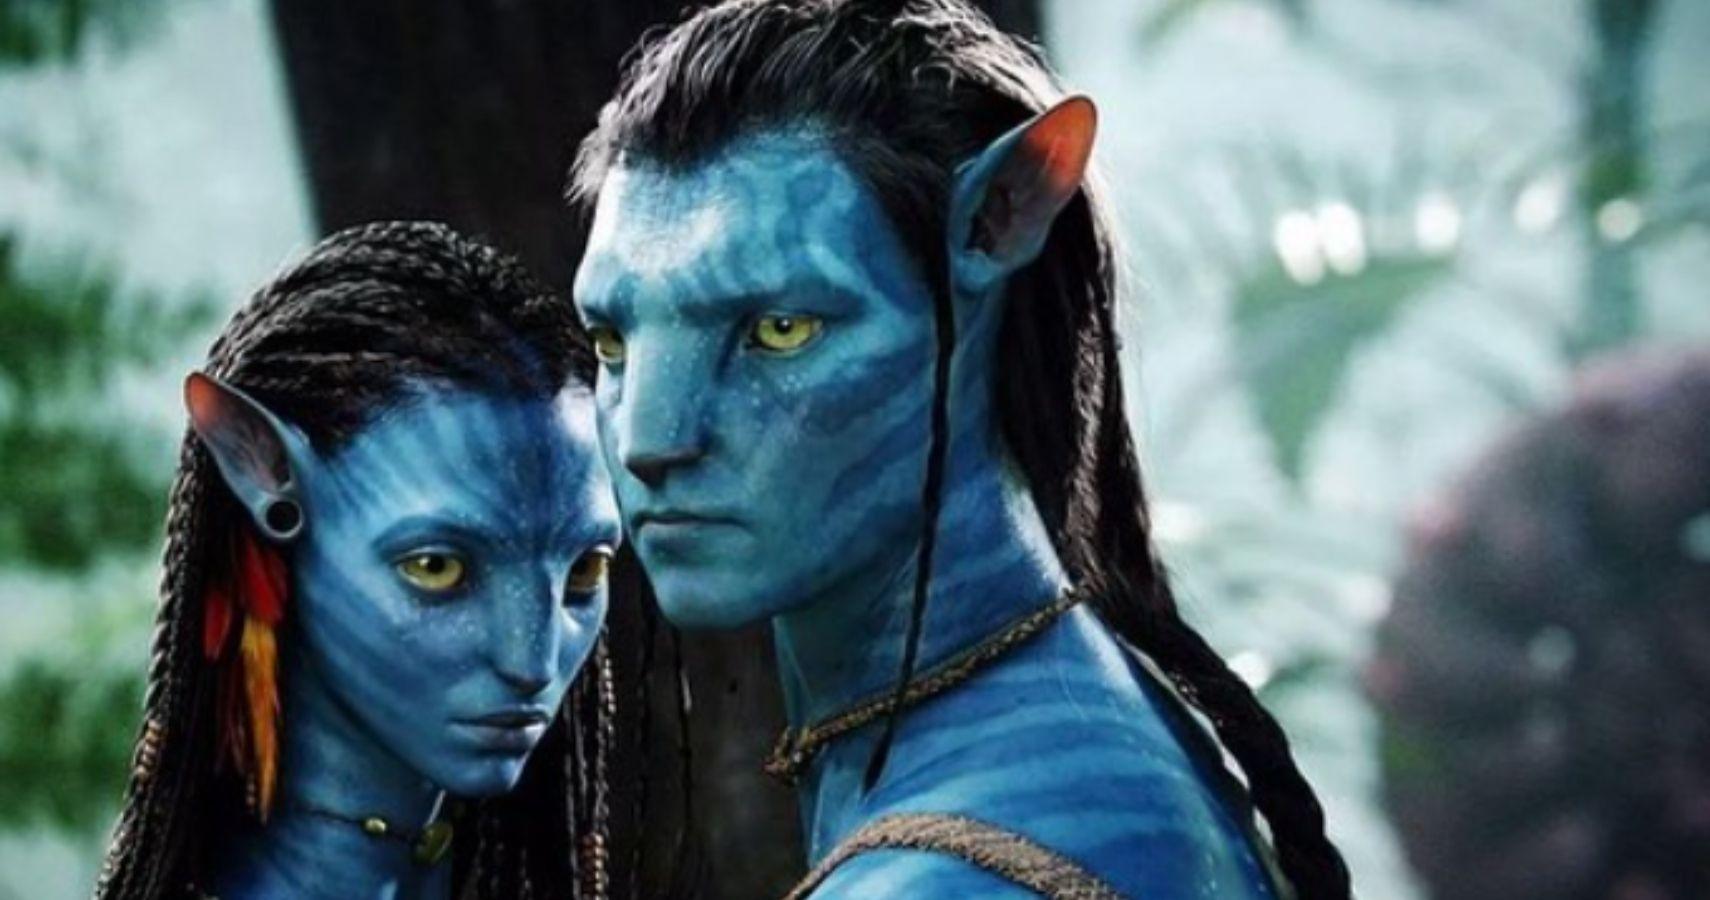 Avatar Surpasses Avengers: Endgame To Become World's Highest-Grossing Movie (Again)